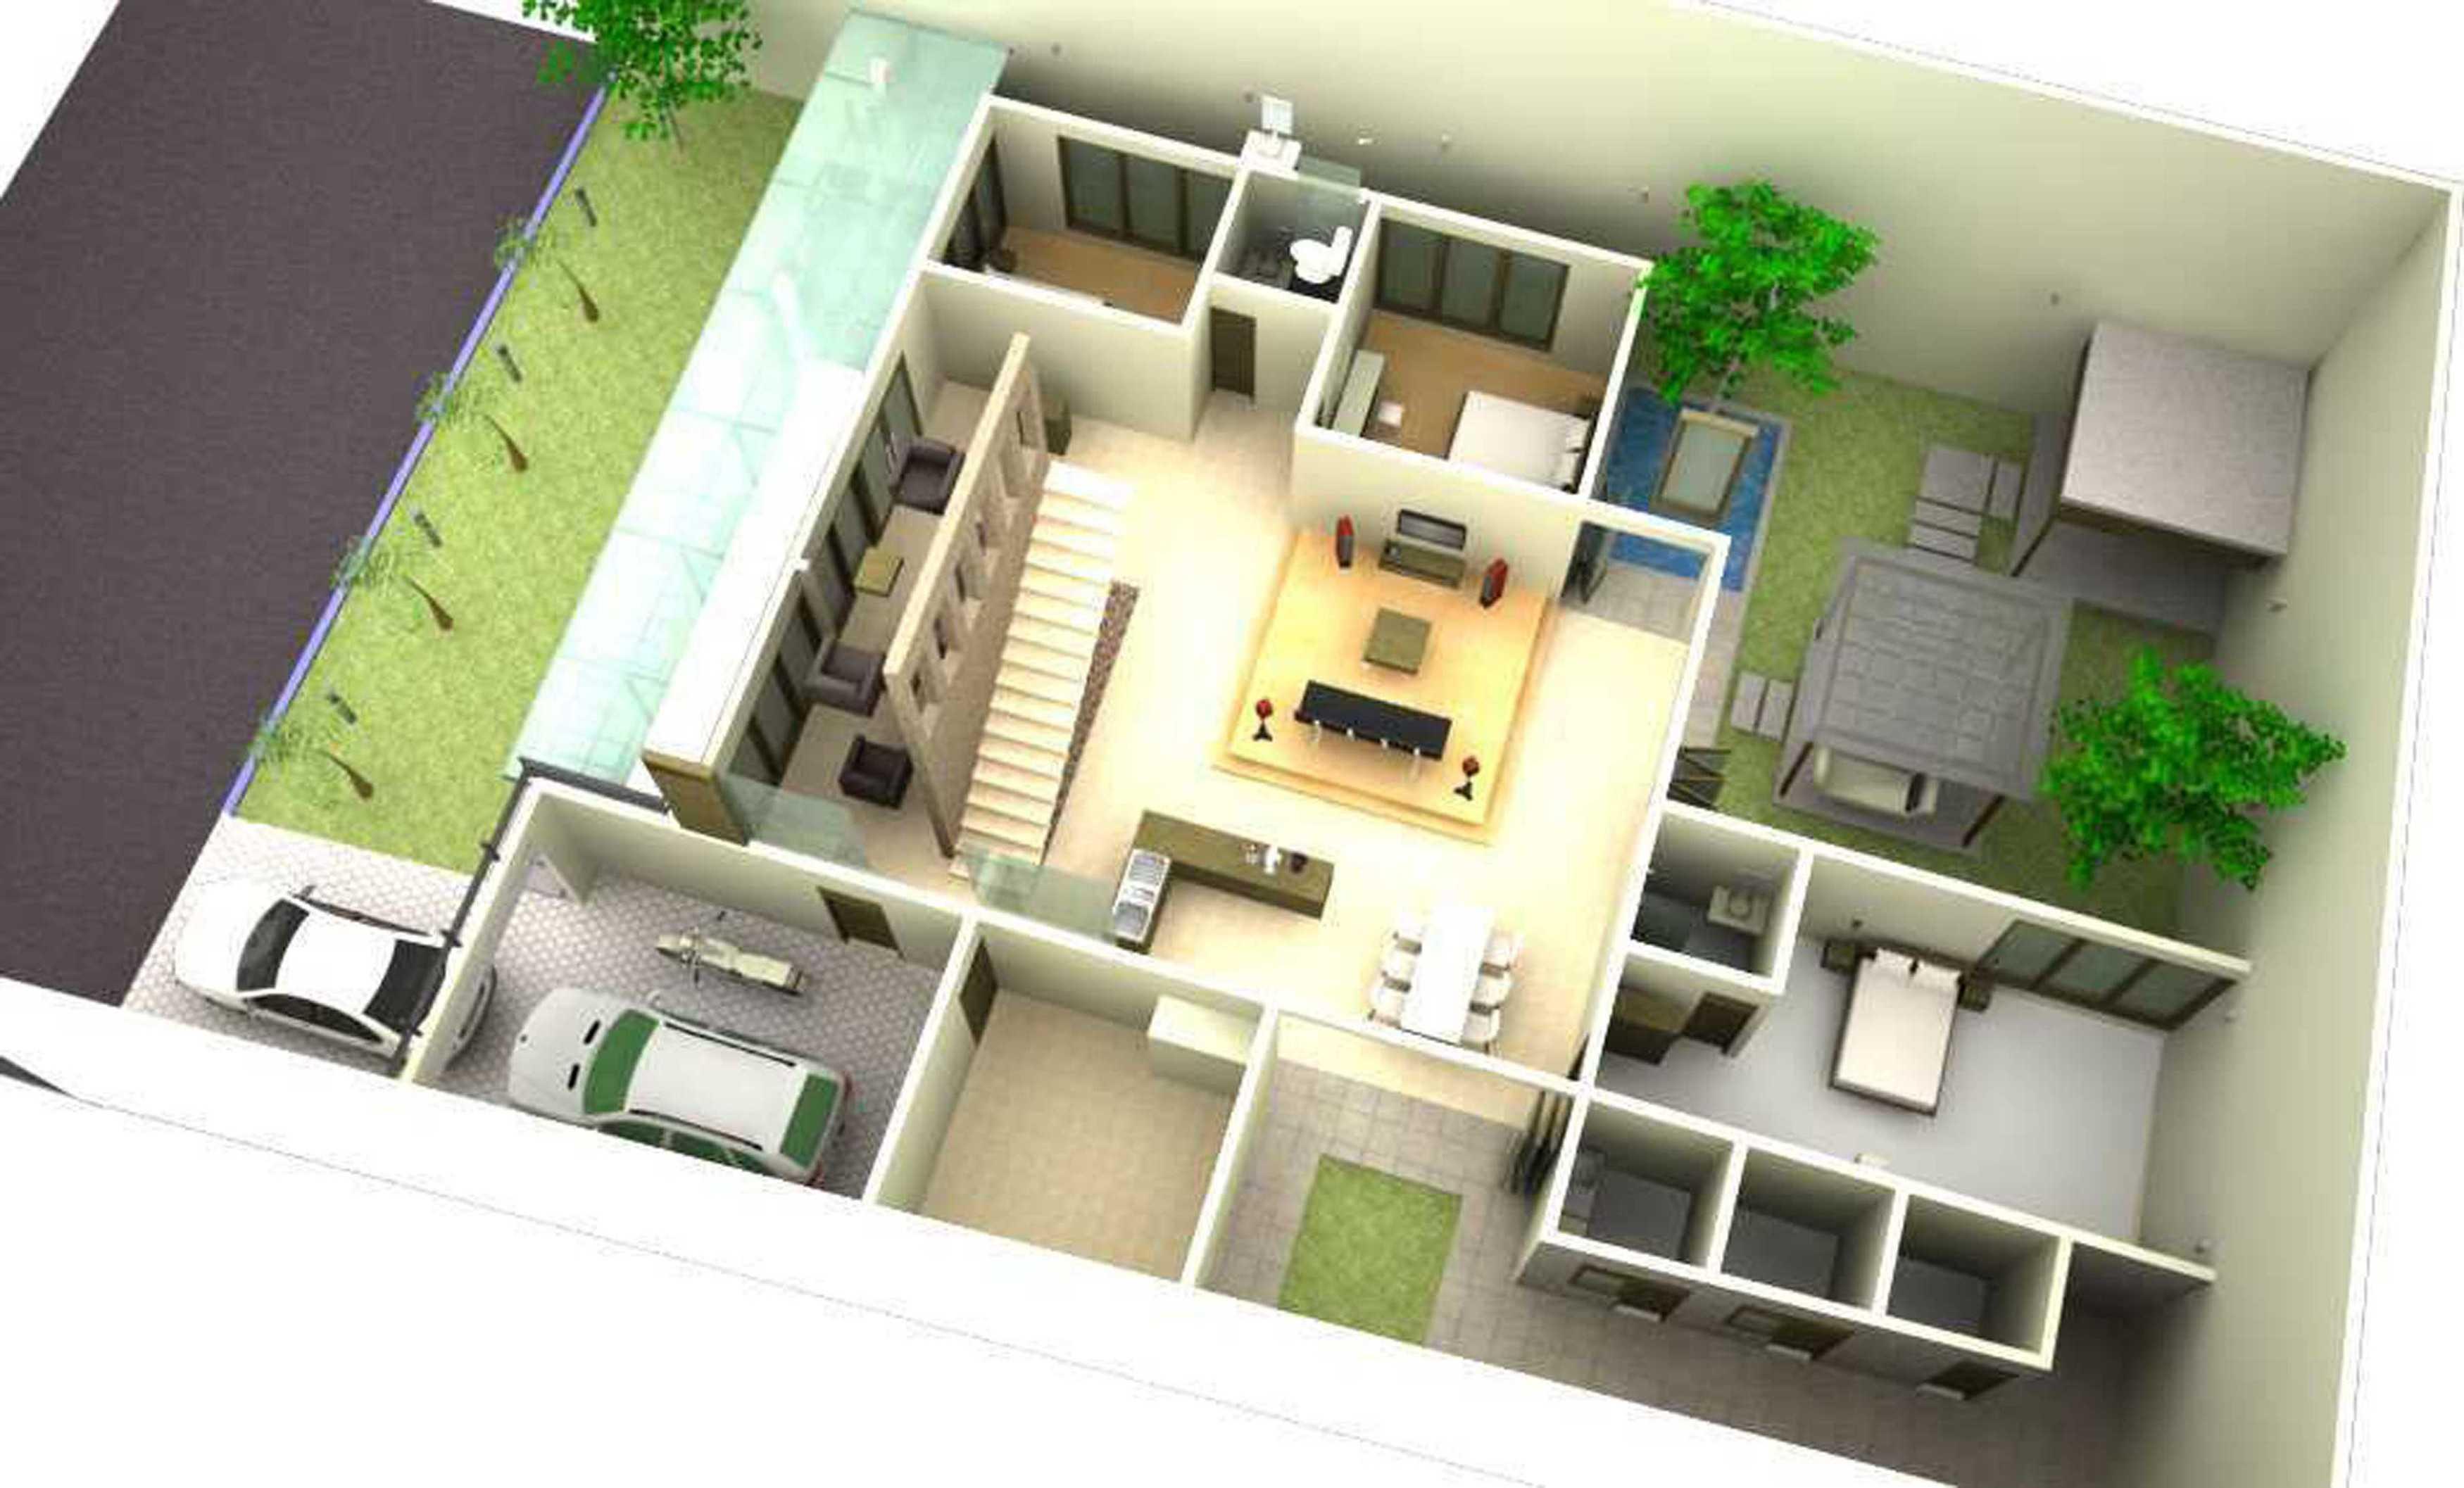 Christianto Hendrawan Rw House Bandung City, West Java, Indonesia Bandung City, West Java, Indonesia 3   35260